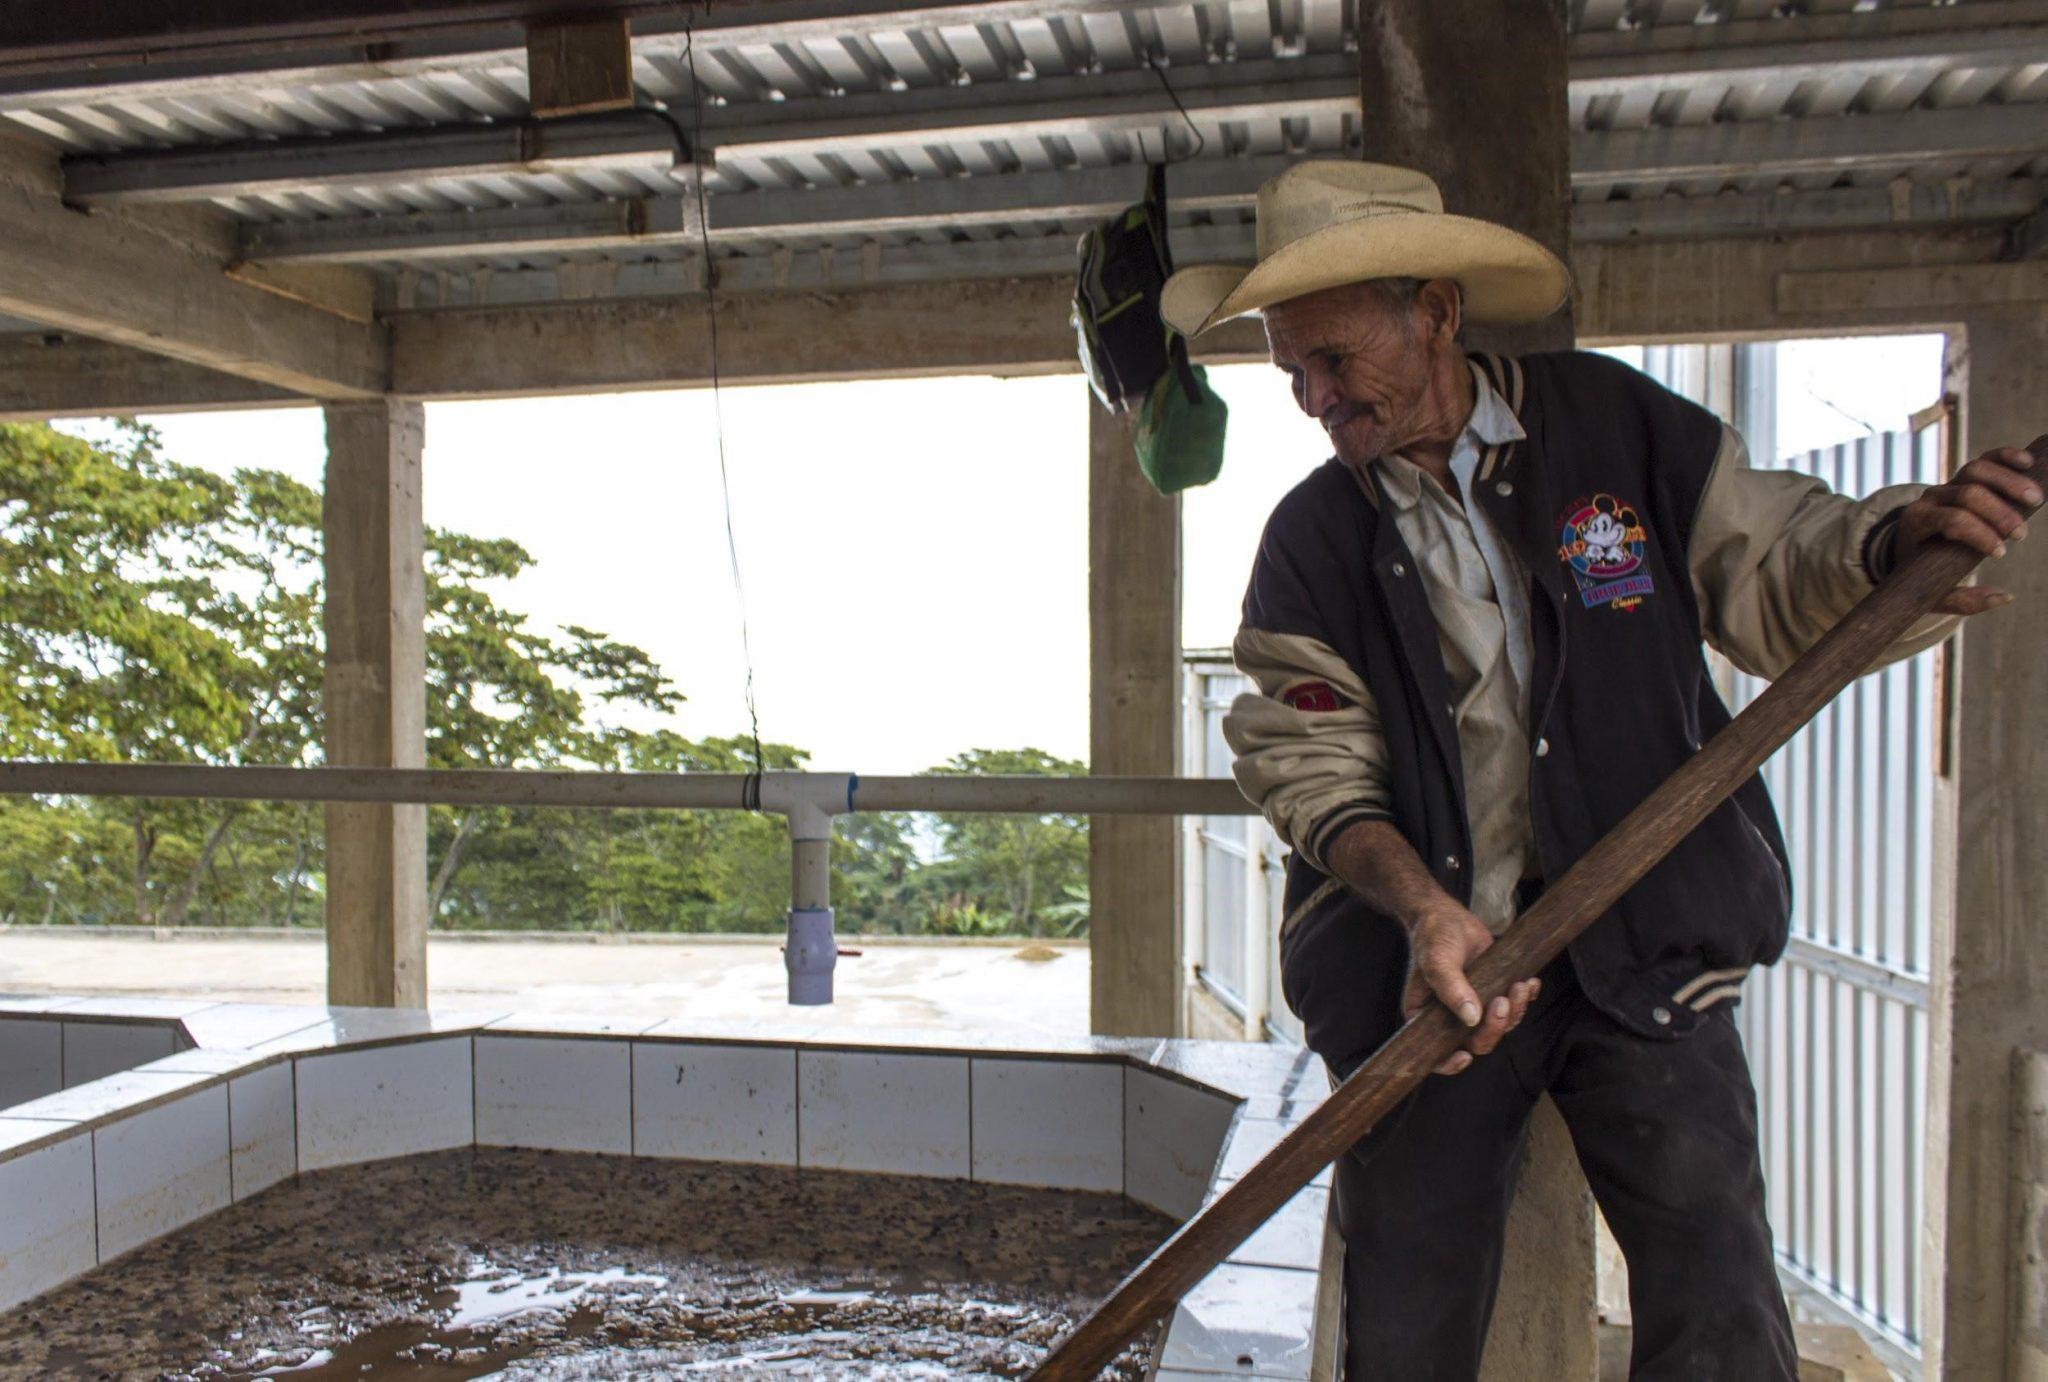 productor mueve cafes que se fermentan en un tanque en su finca.